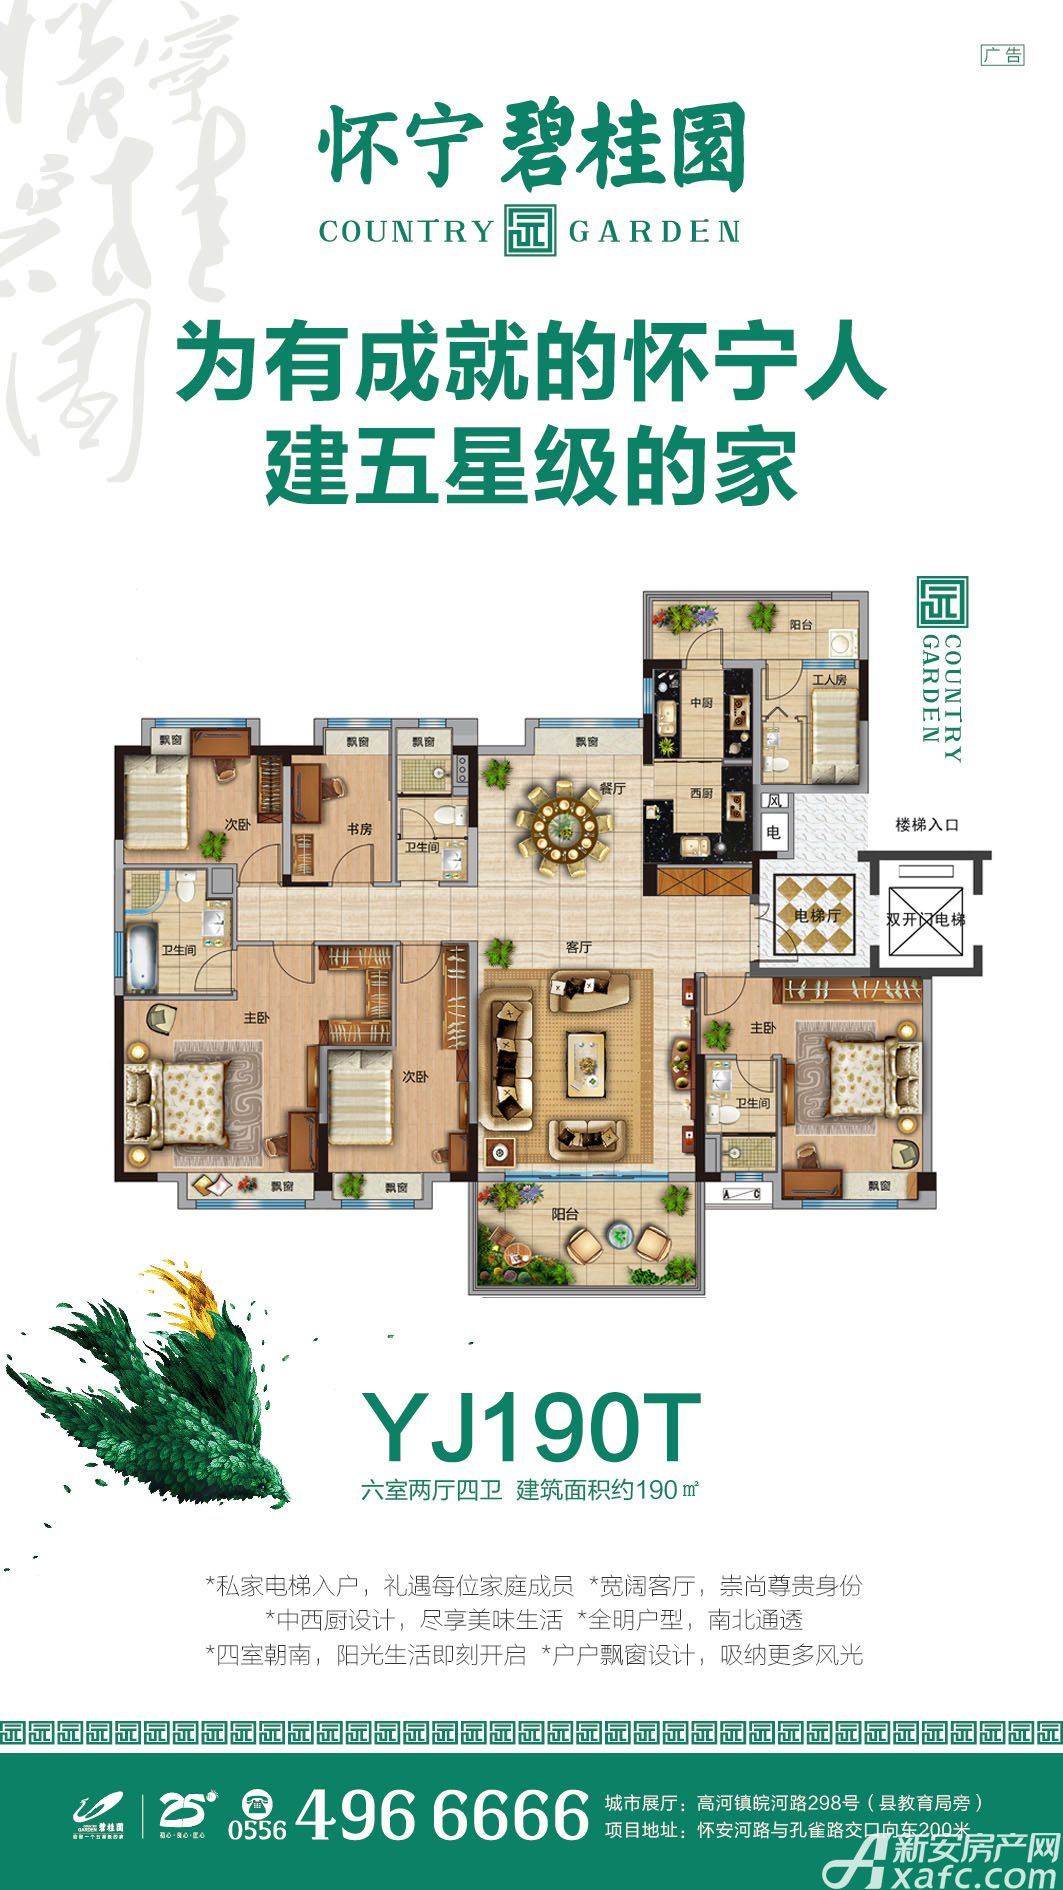 怀宁碧桂园六室两厅两位6室2厅190平米